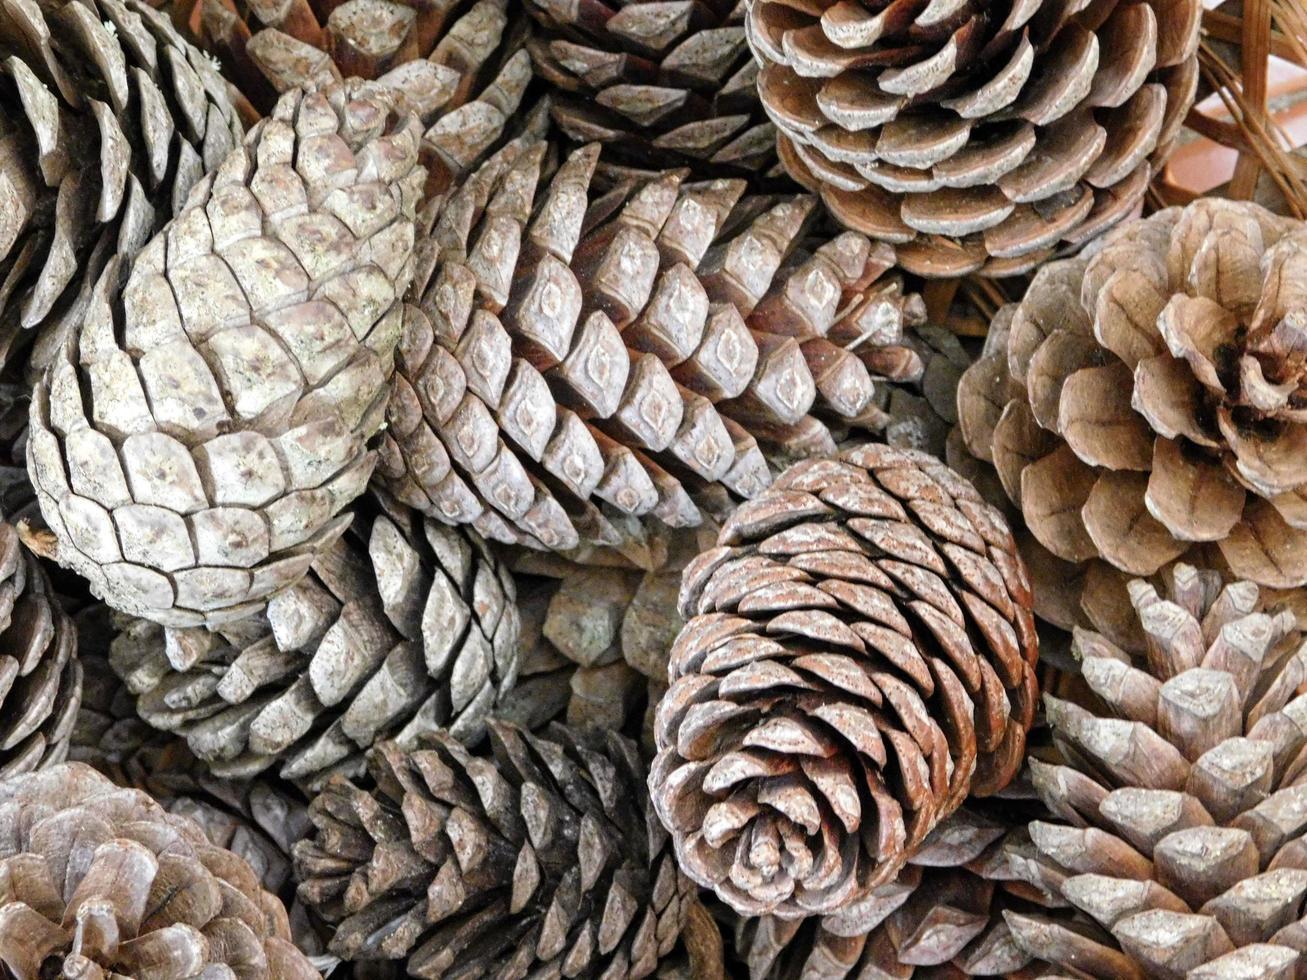 texture of pine cones photo